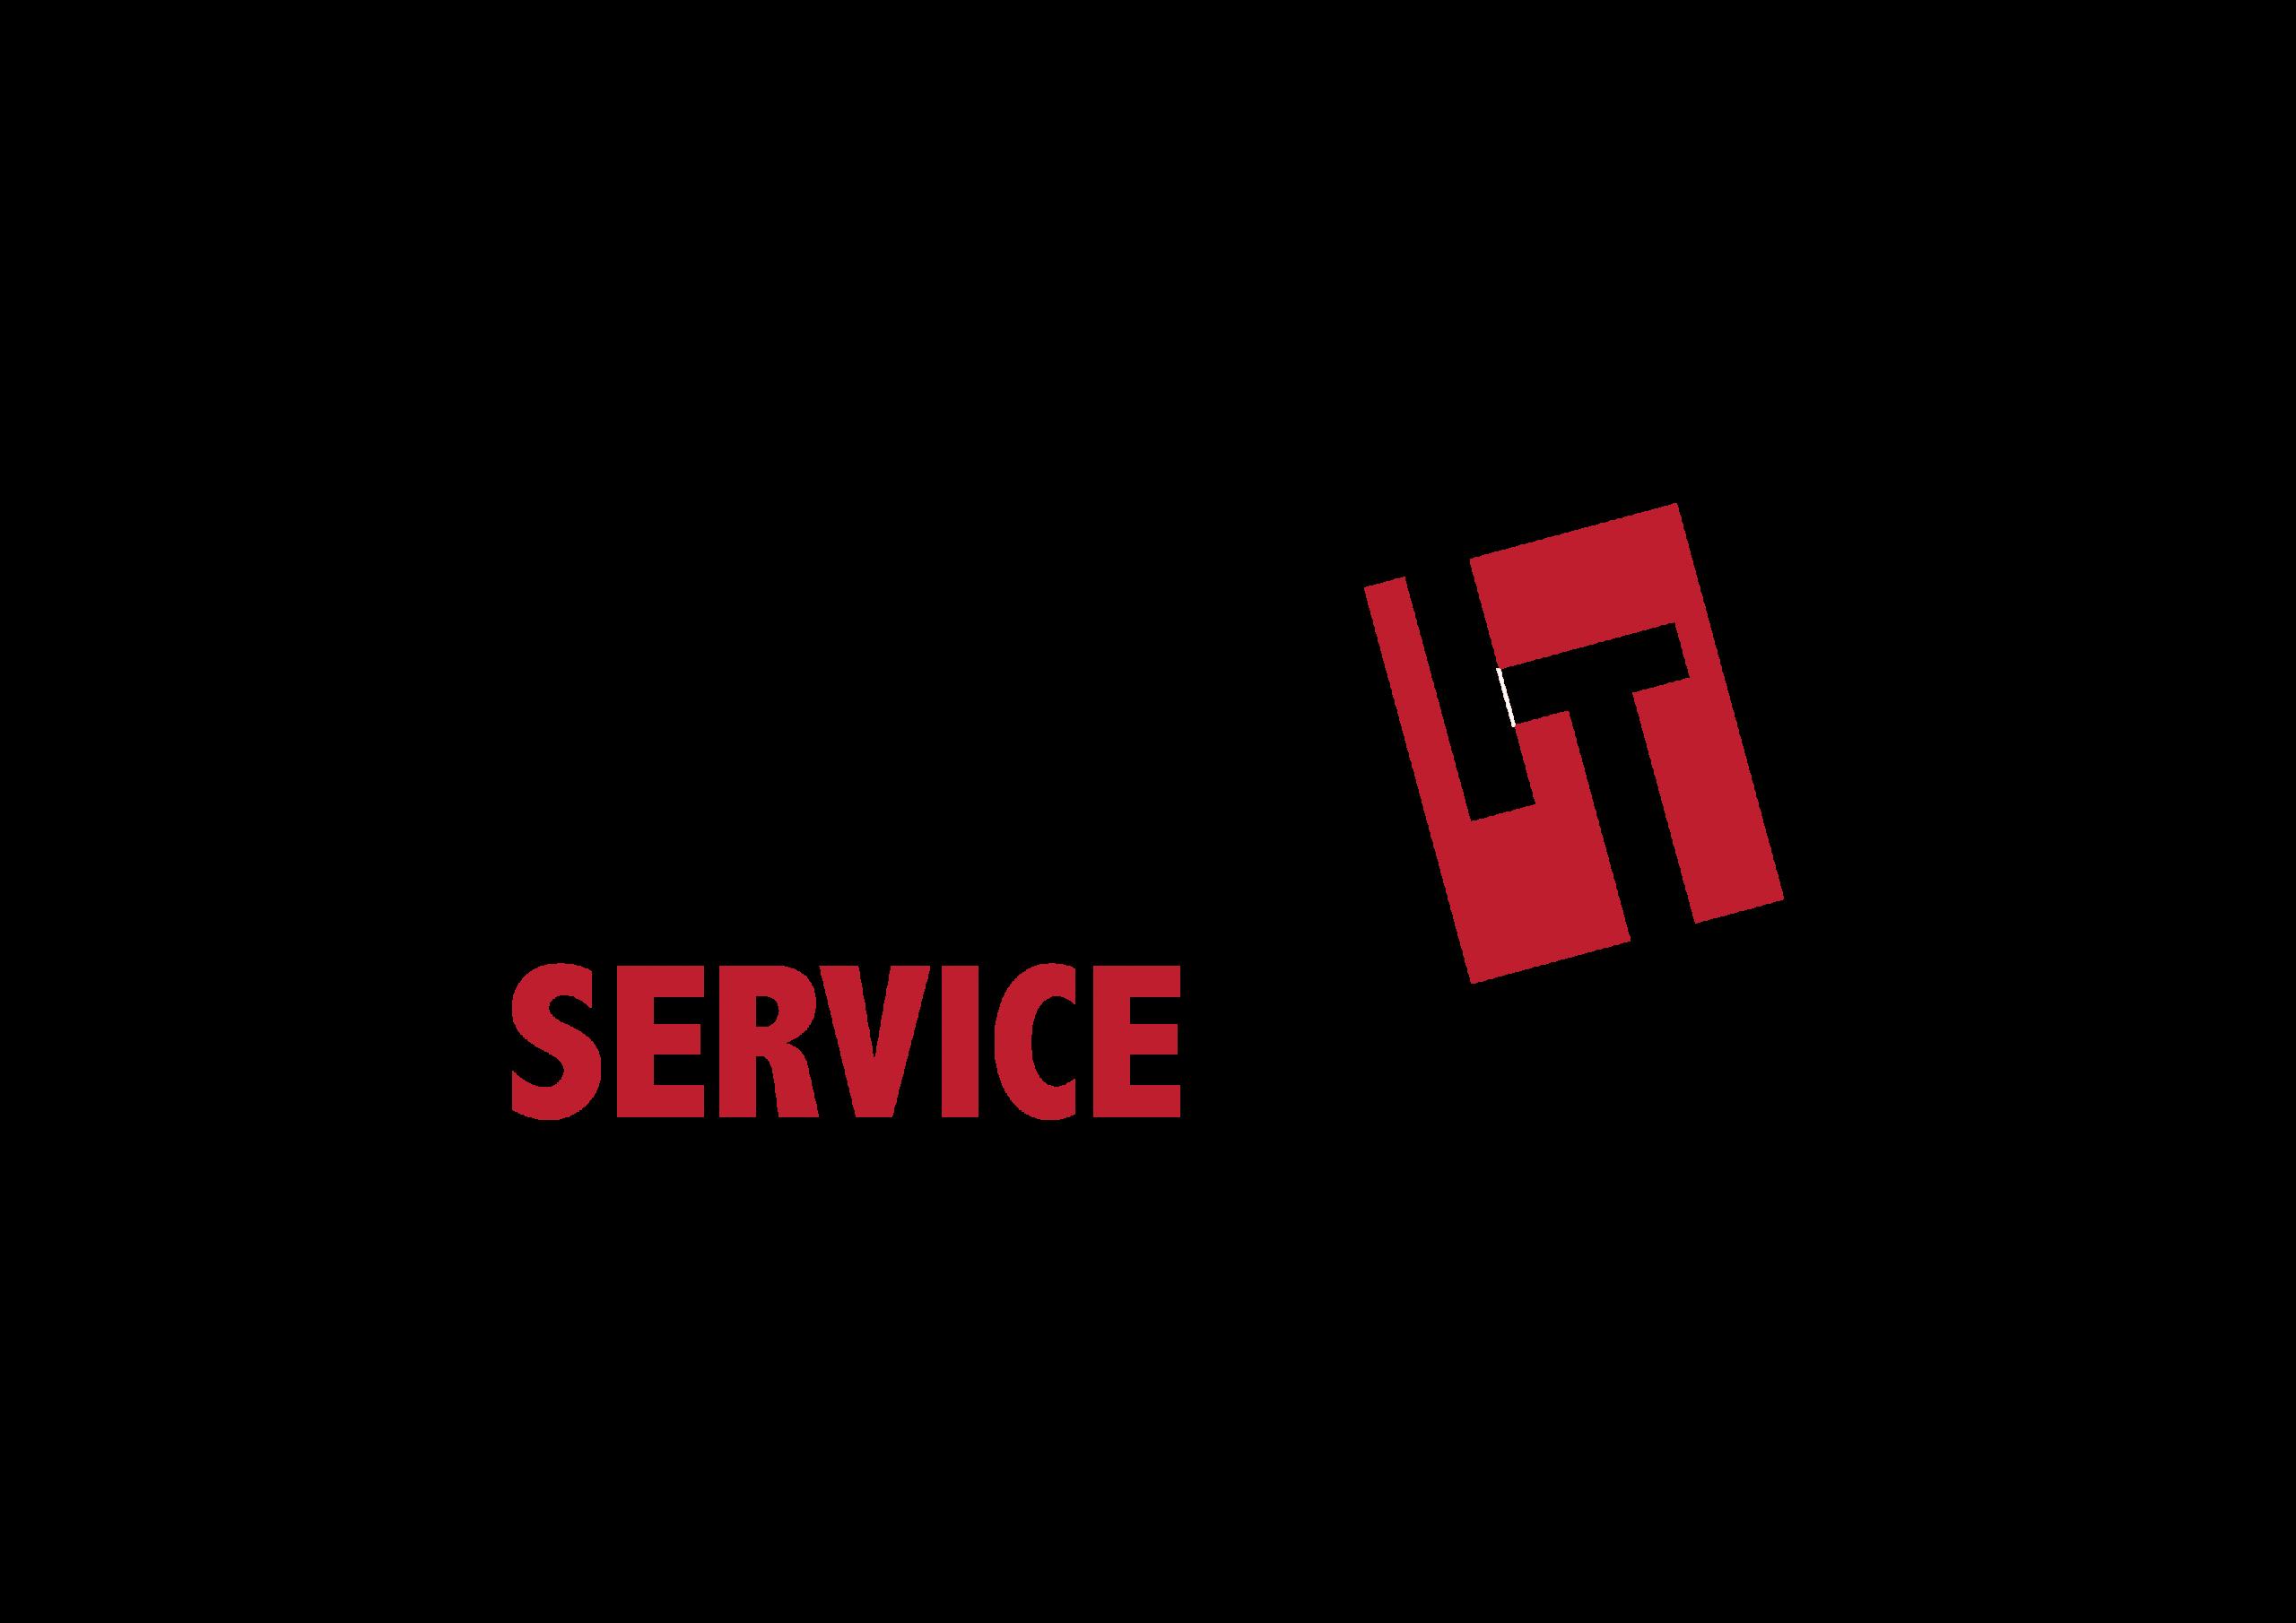 Korz-IT-Service - Responsive Webdesign, IT-Dienstleistungen